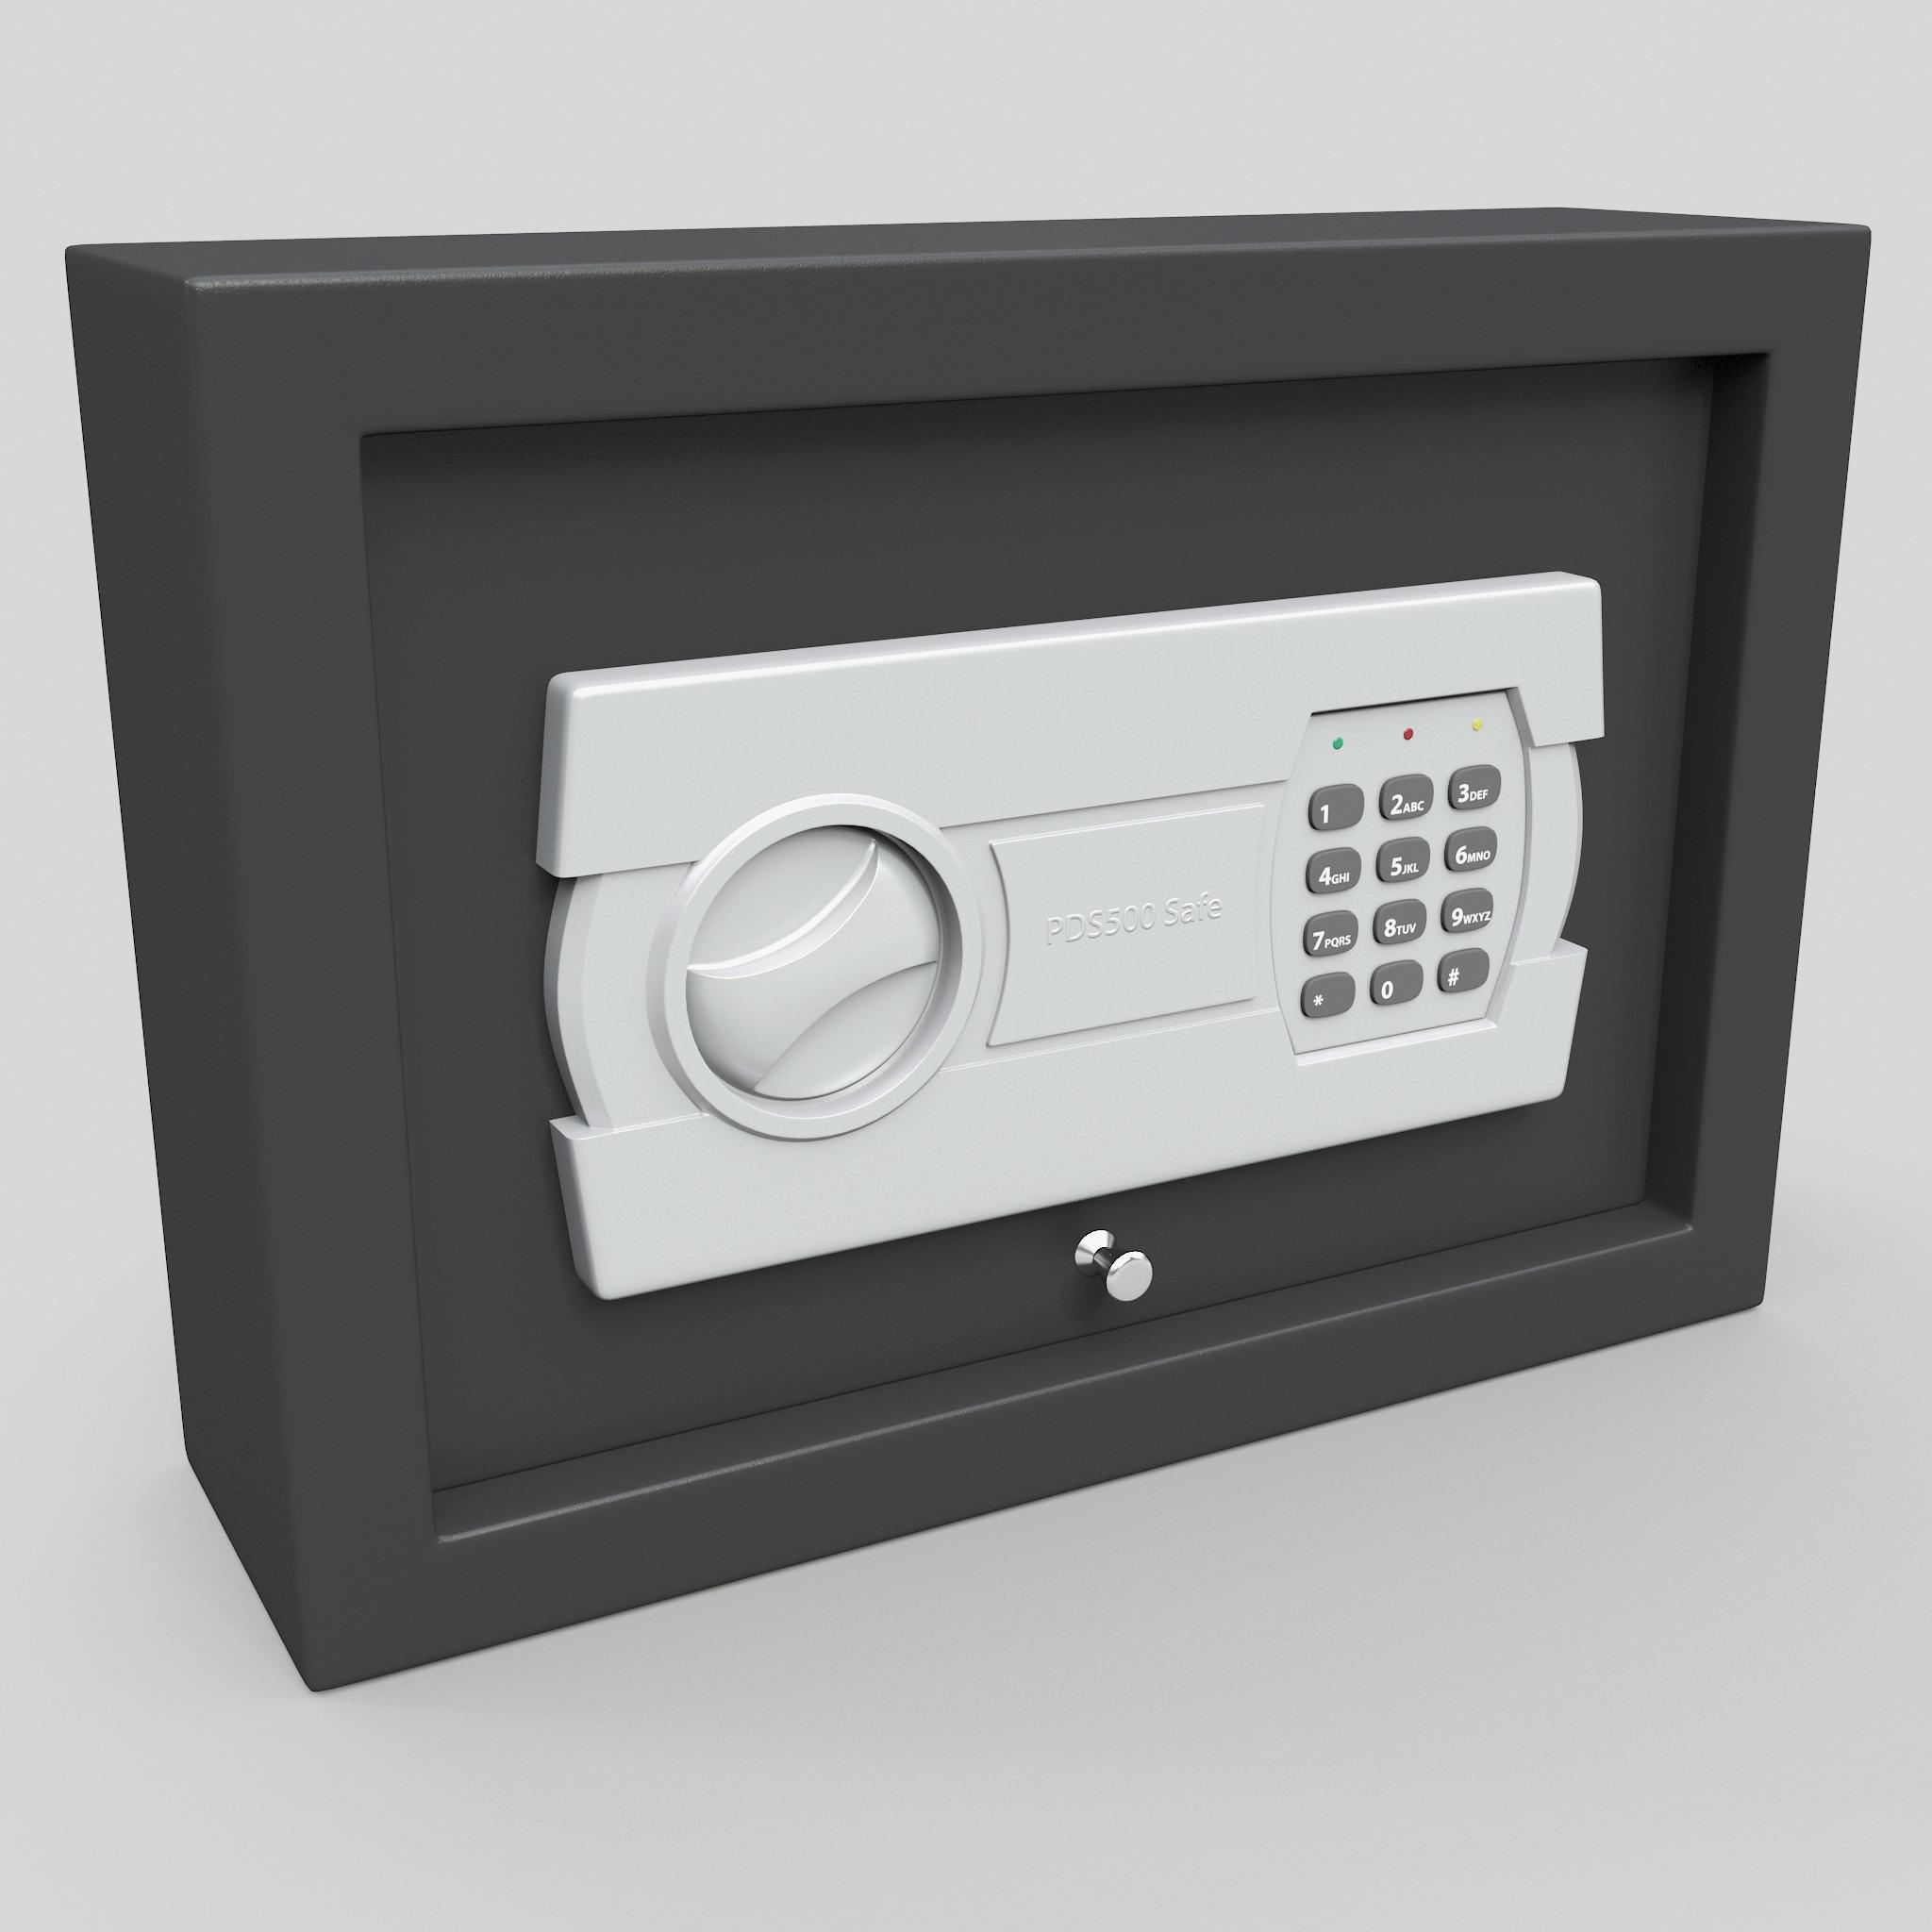 3d drawer safe stack-on pds-500 model